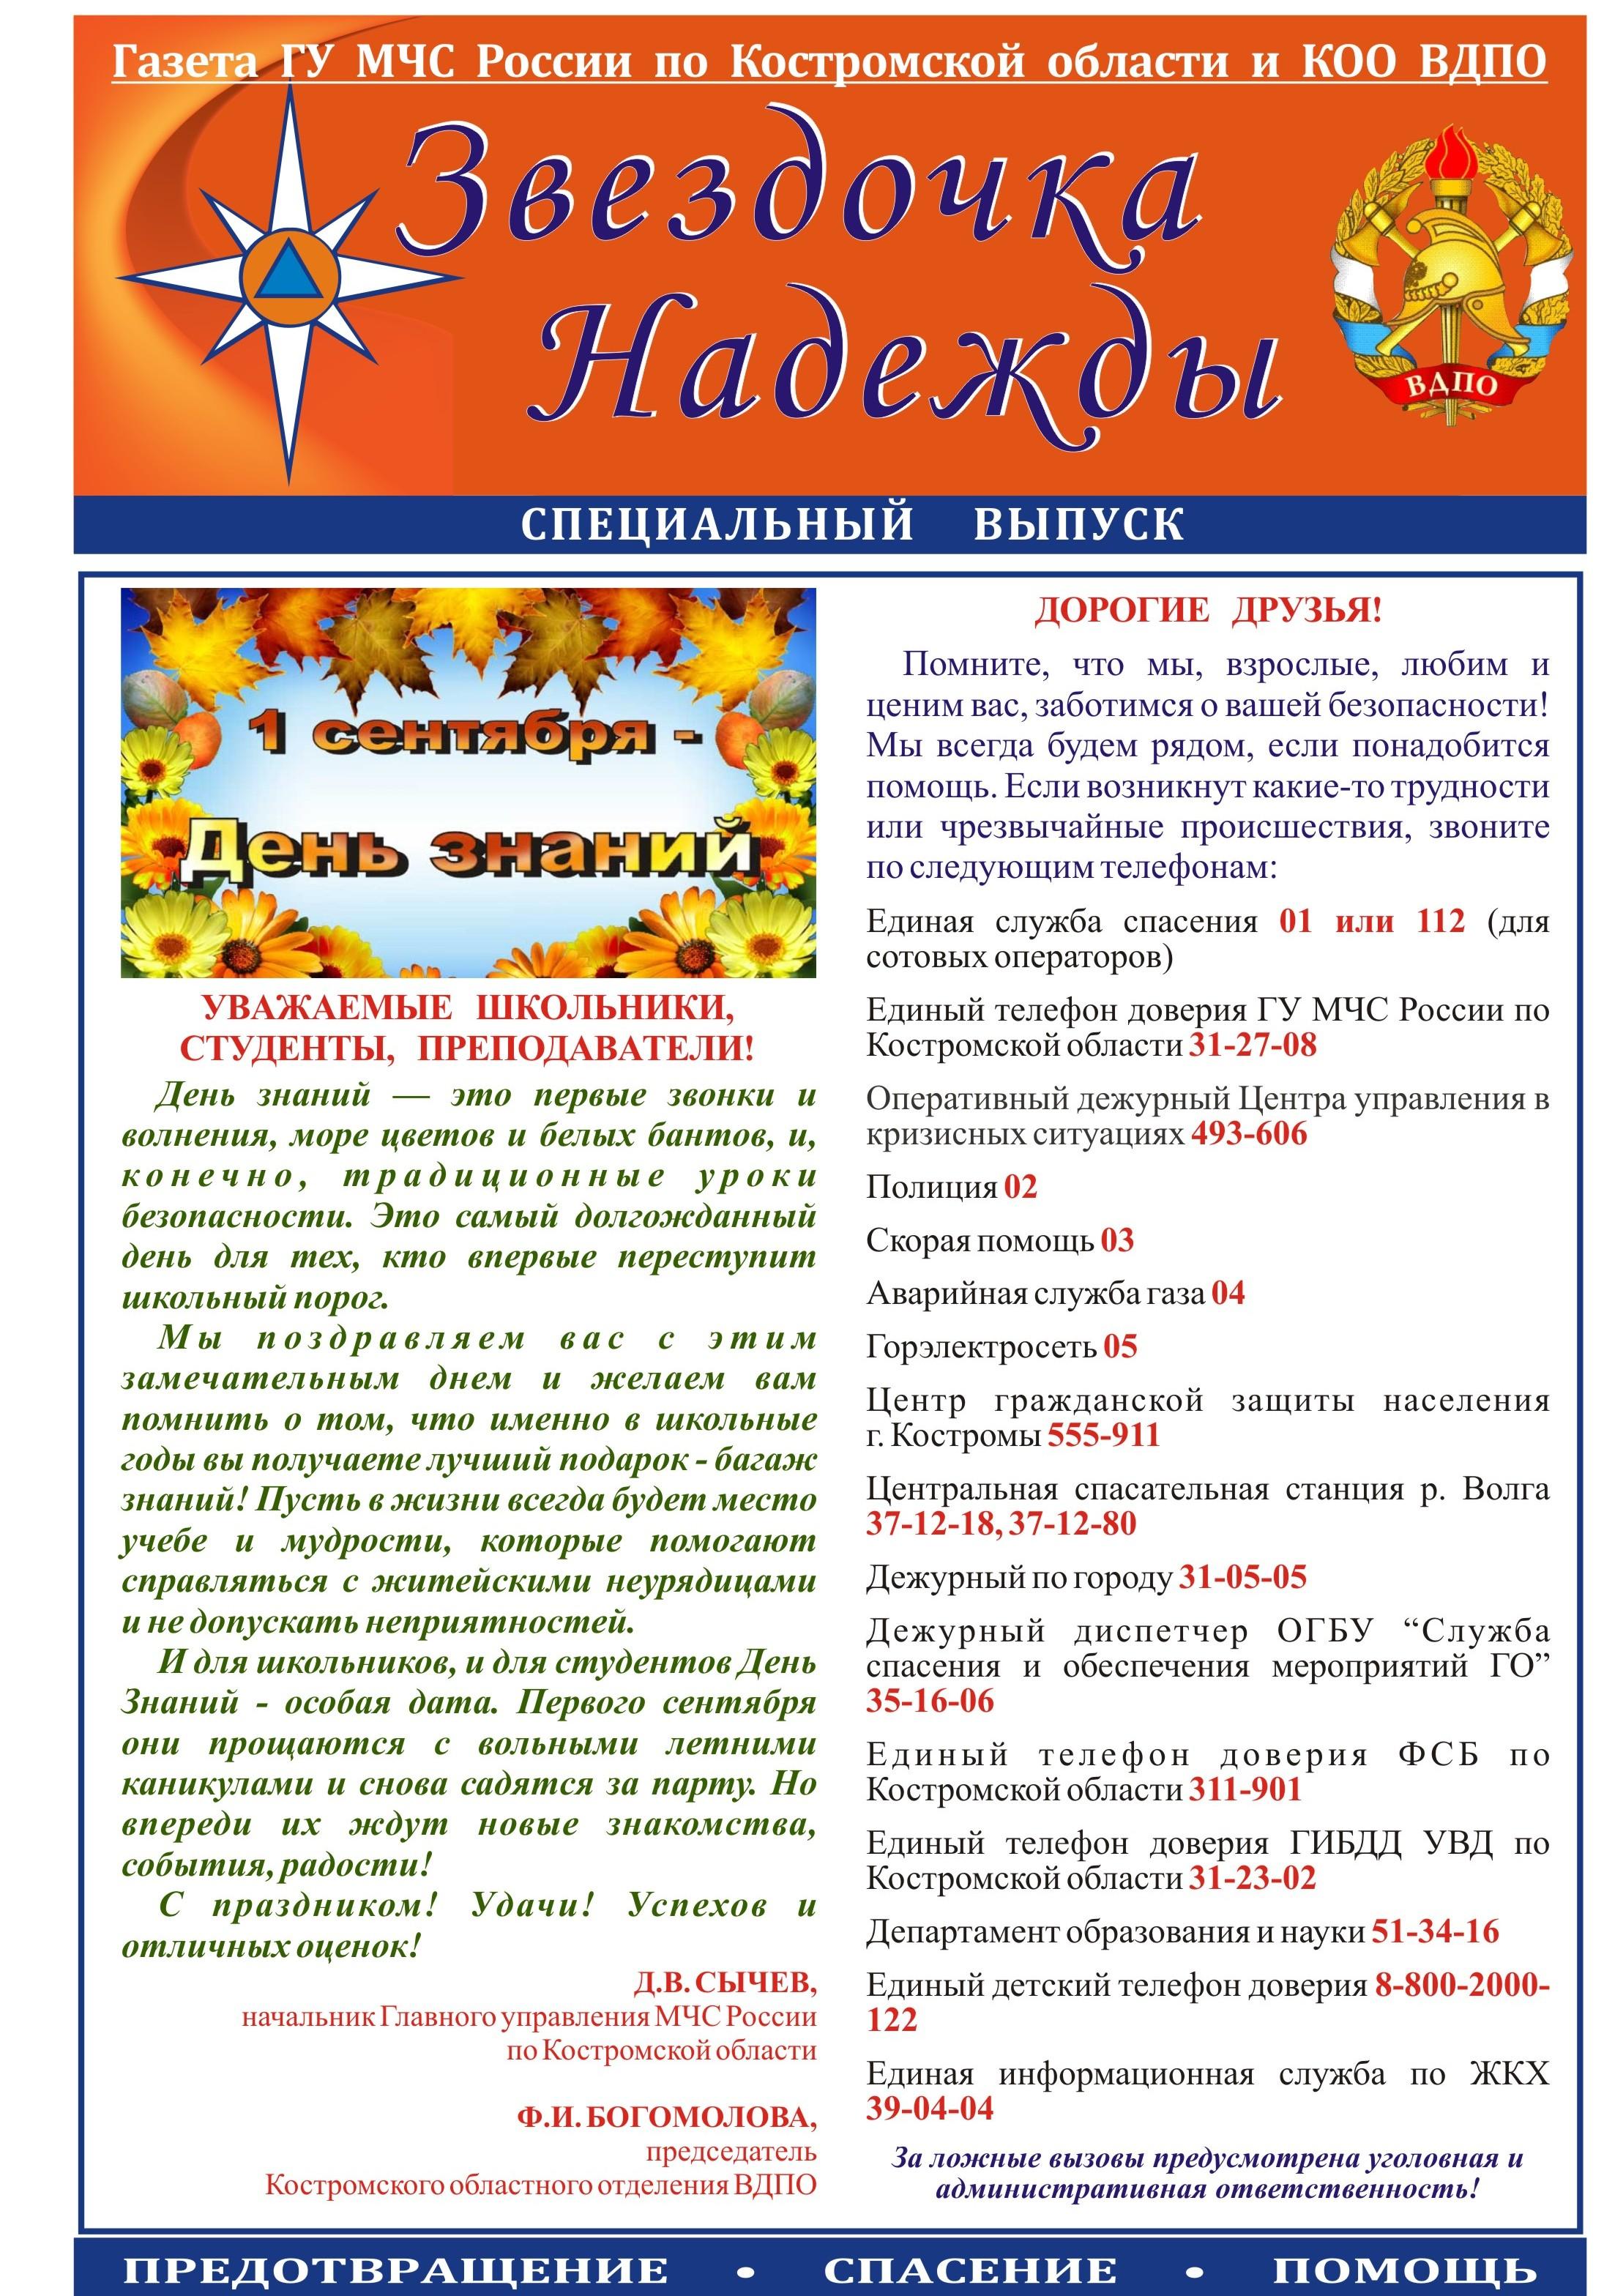 """Специальный выпуск - детская газета """"Звездочка надежды"""""""